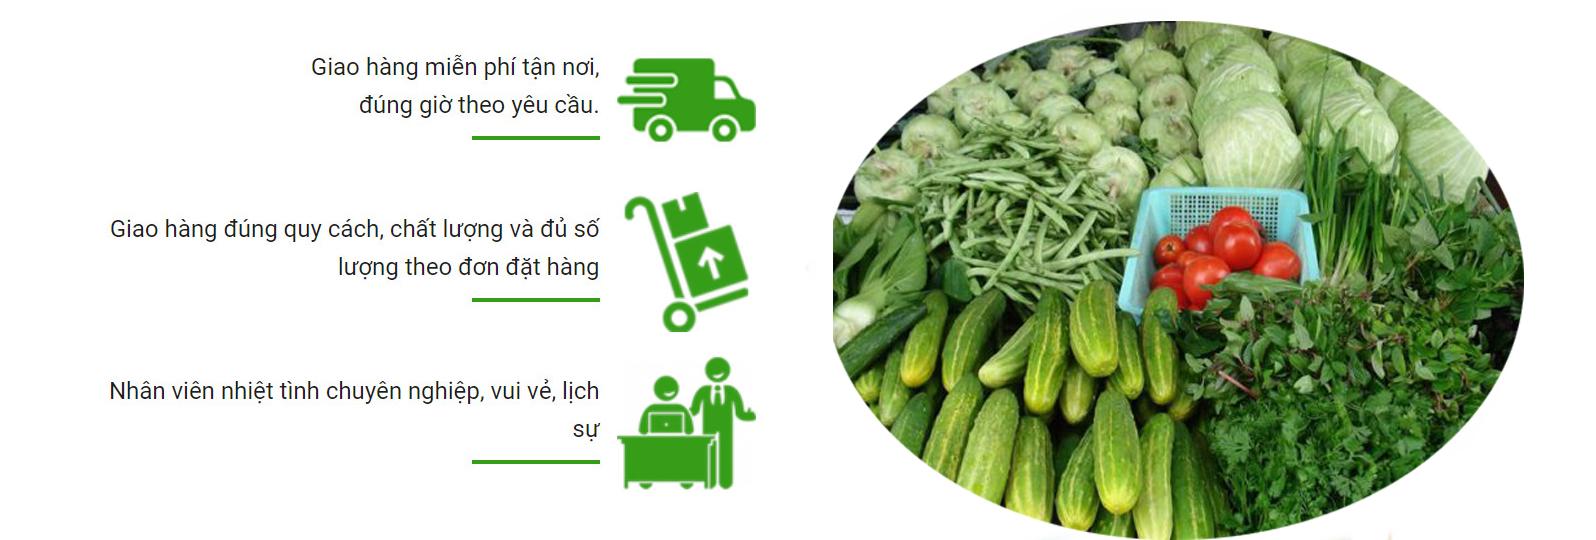 cung cap rau cu qua gia si tai thu duc - Cung cấp rau củ quả tại Thủ Đức